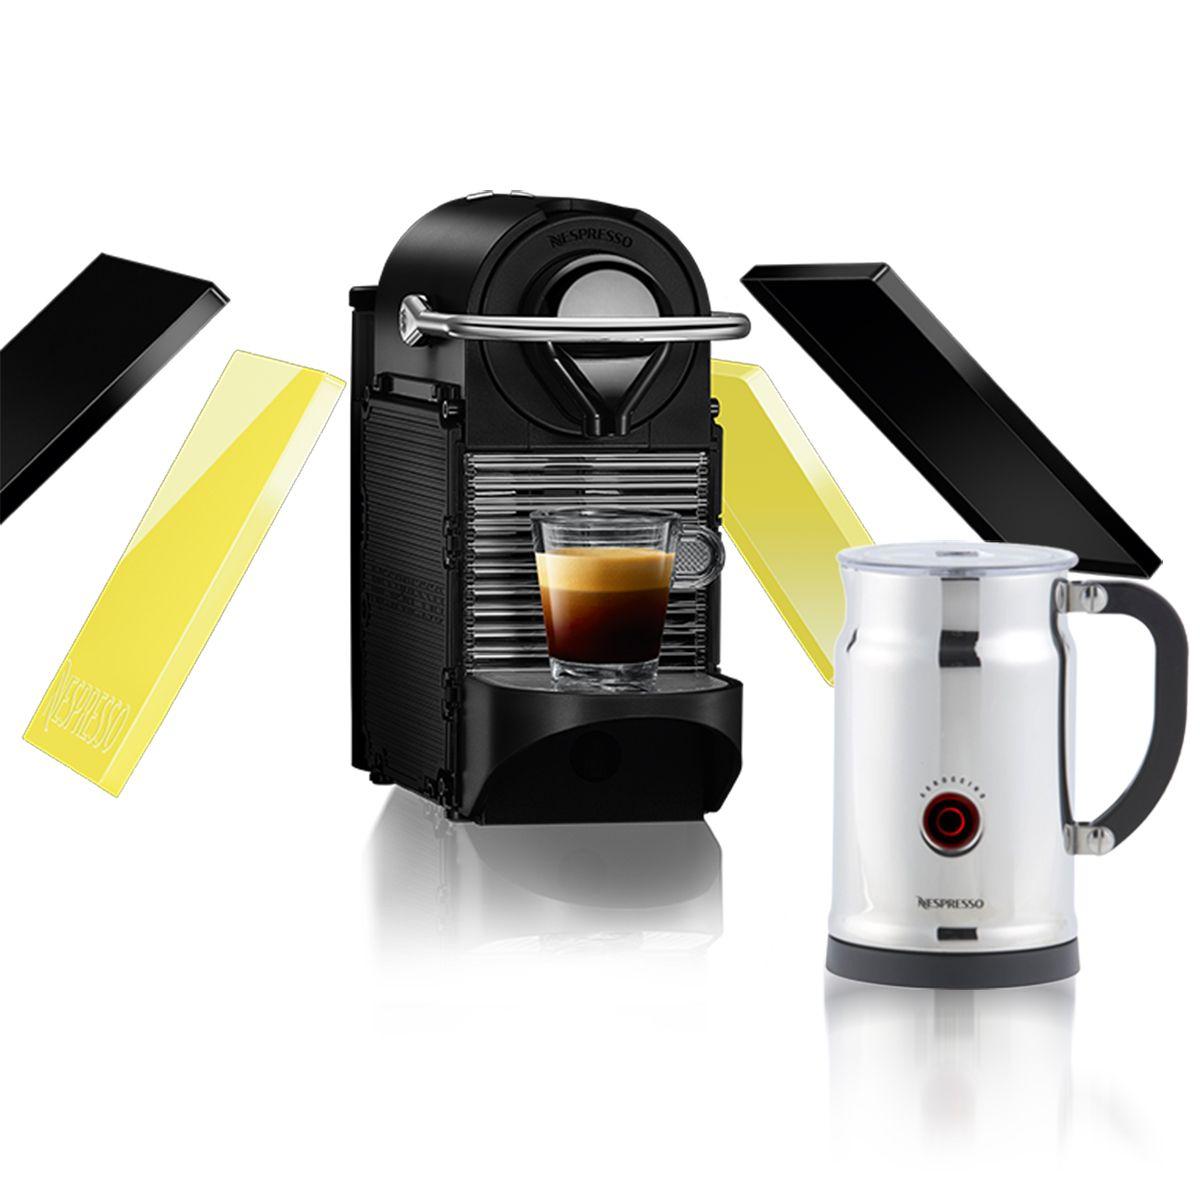 citiz ou pixie simple espressione caf minuetto thermoblock espresso machine with citiz ou pixie. Black Bedroom Furniture Sets. Home Design Ideas